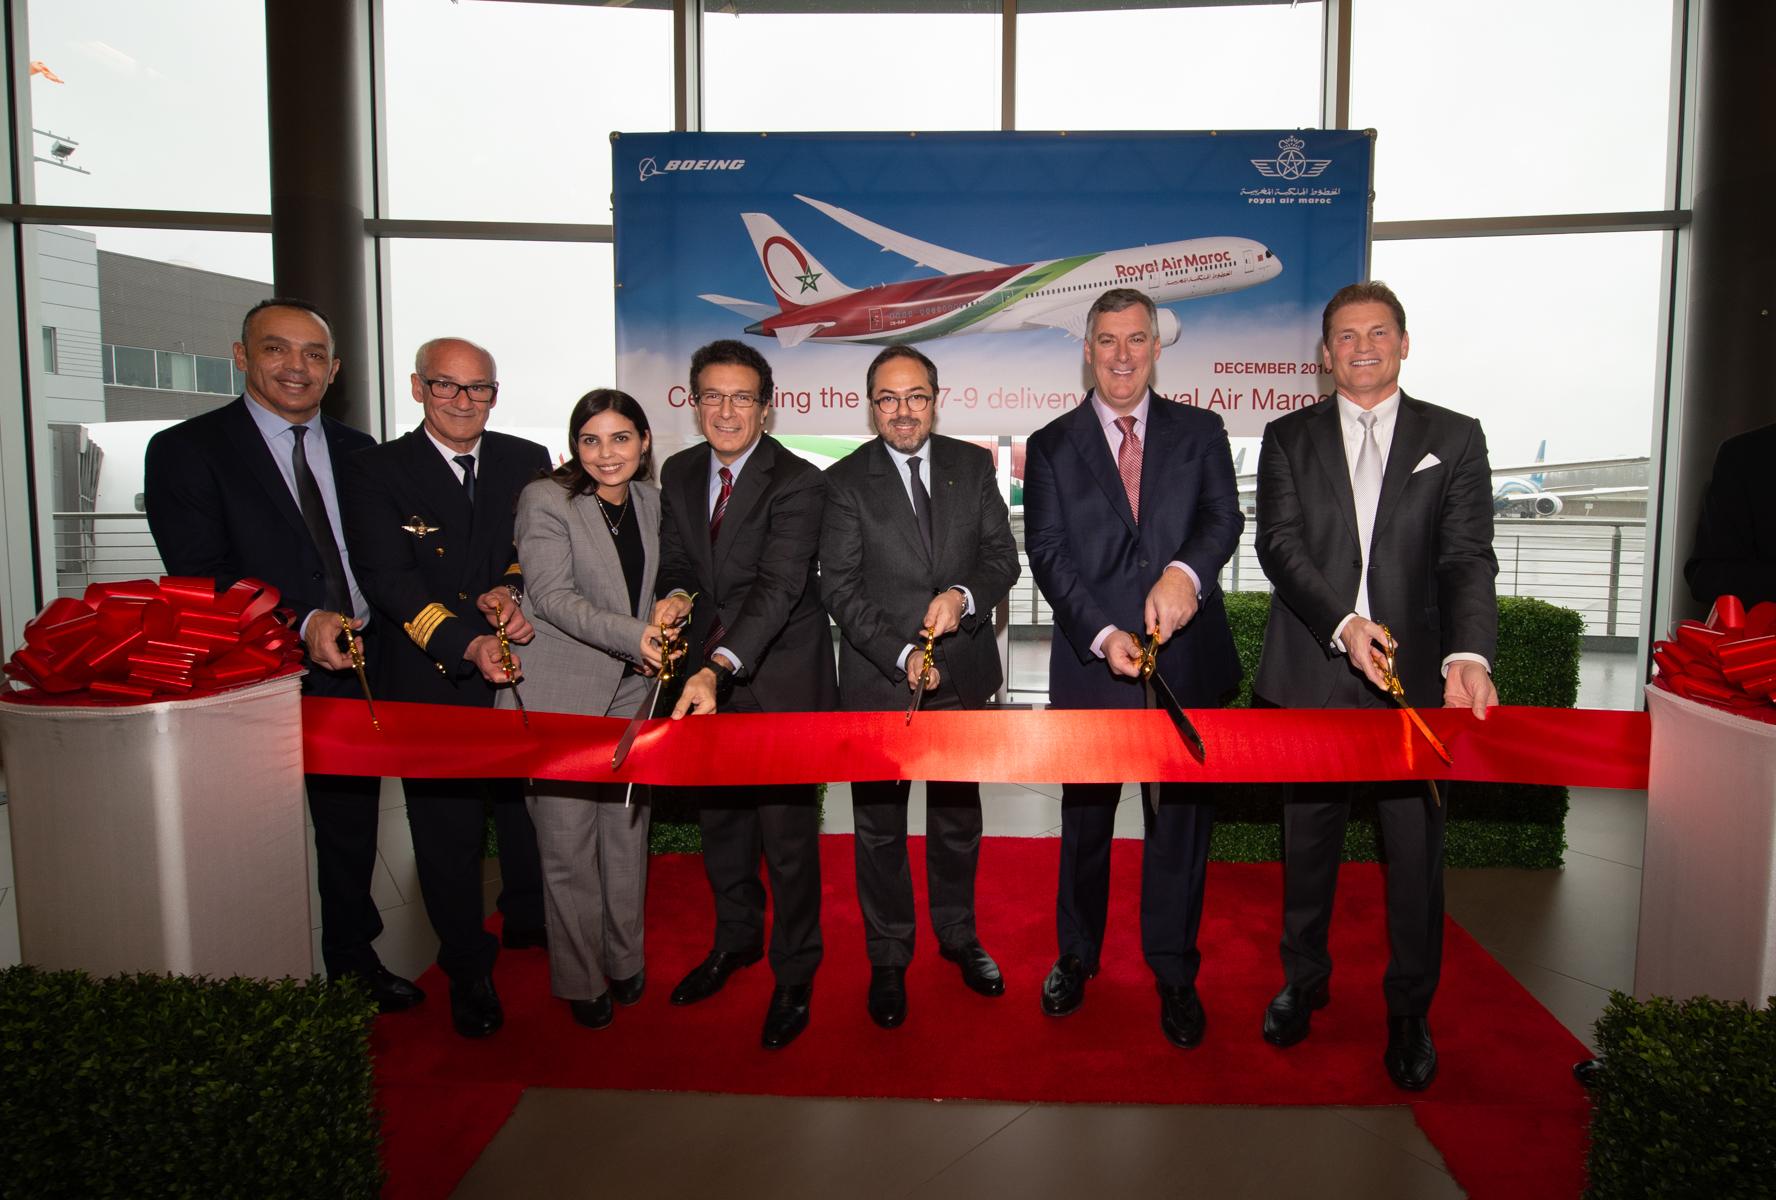 المغرب يتسلم في سياتل طائرة بوينغ جديدة من طراز 787-9 دريملاينر